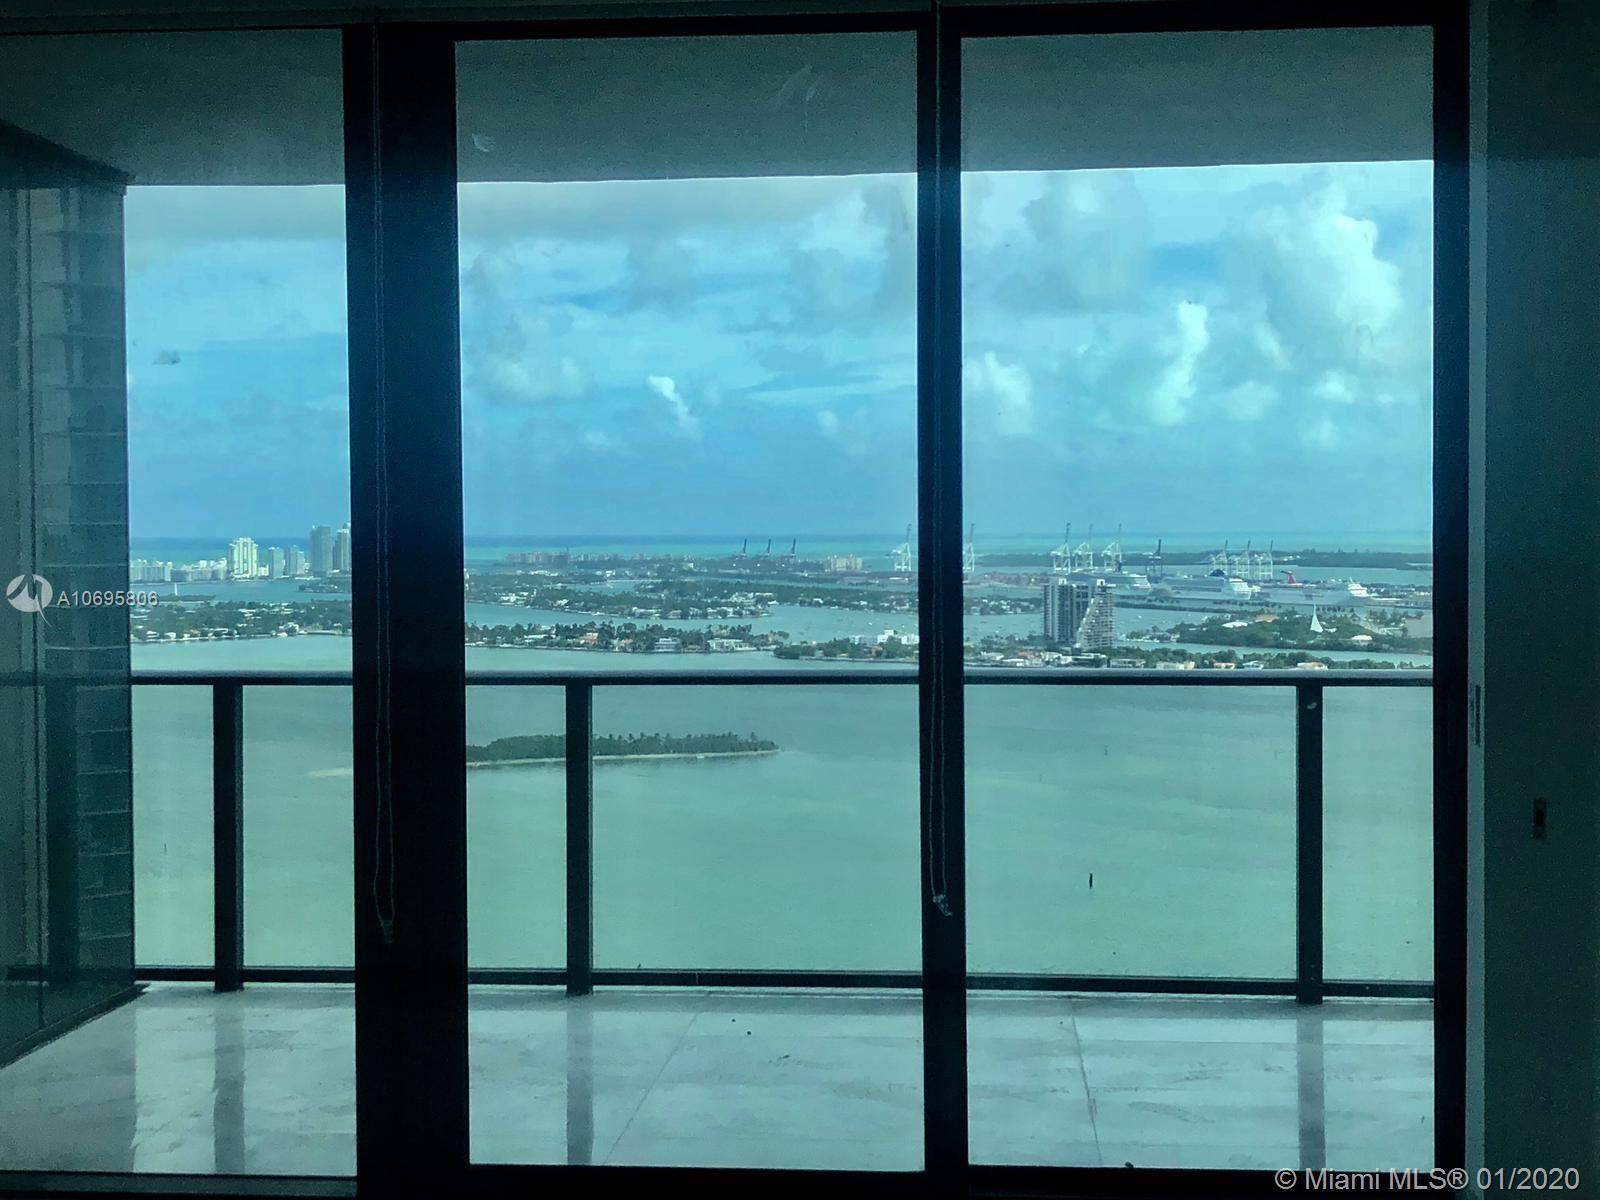 650 NE 32 ST #2702, Miami, FL 33137 - #: A10695806